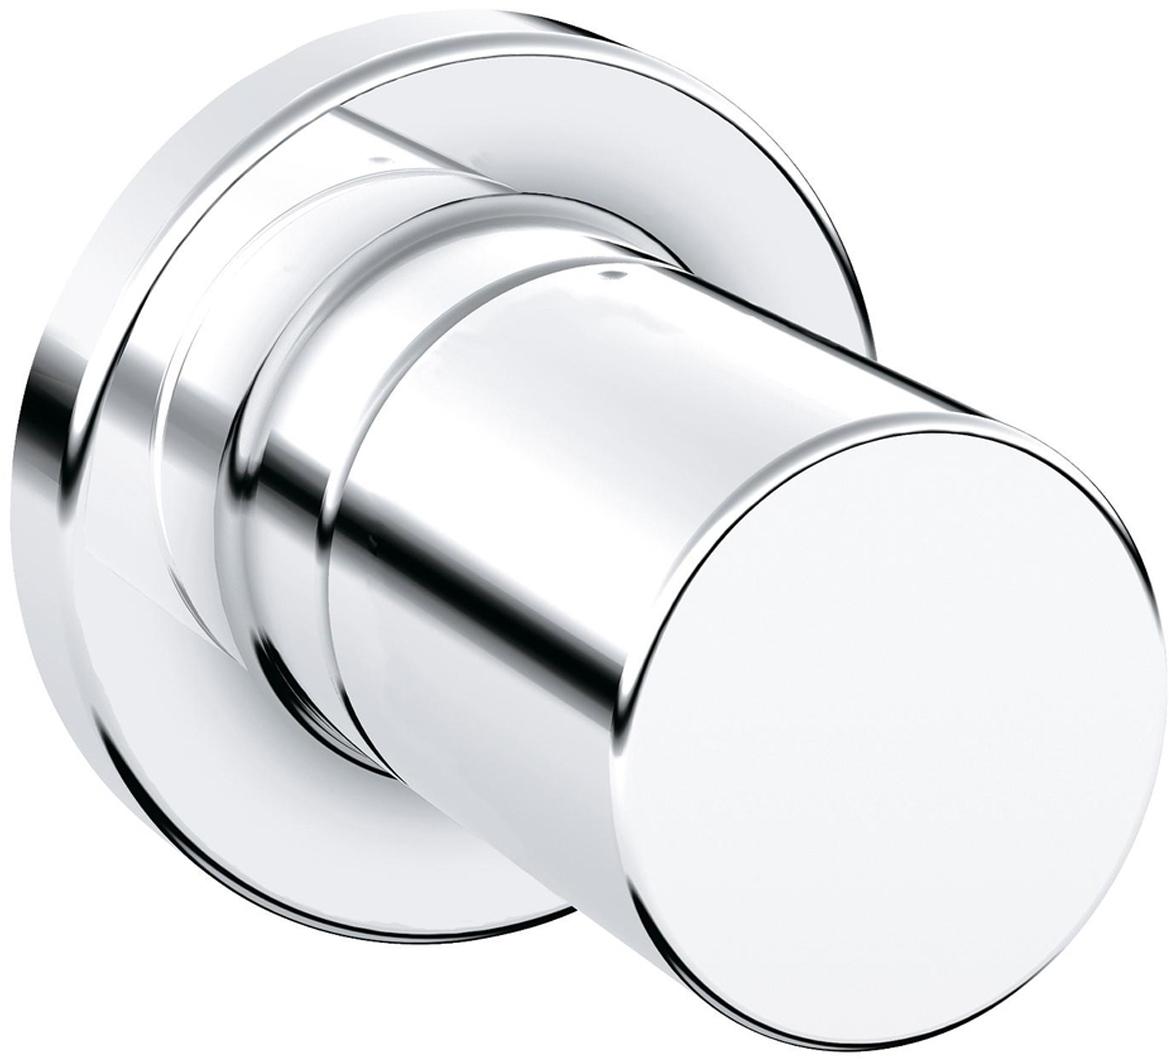 """GROHE StarLight хромированная поверхностьдля встраиваемых вентилей, 1/2"""", 3/4"""", 1""""плавная регулировка глубины монтажа20-80 ммметаллический отражатель с уплотнениемзапорная рукоятка."""